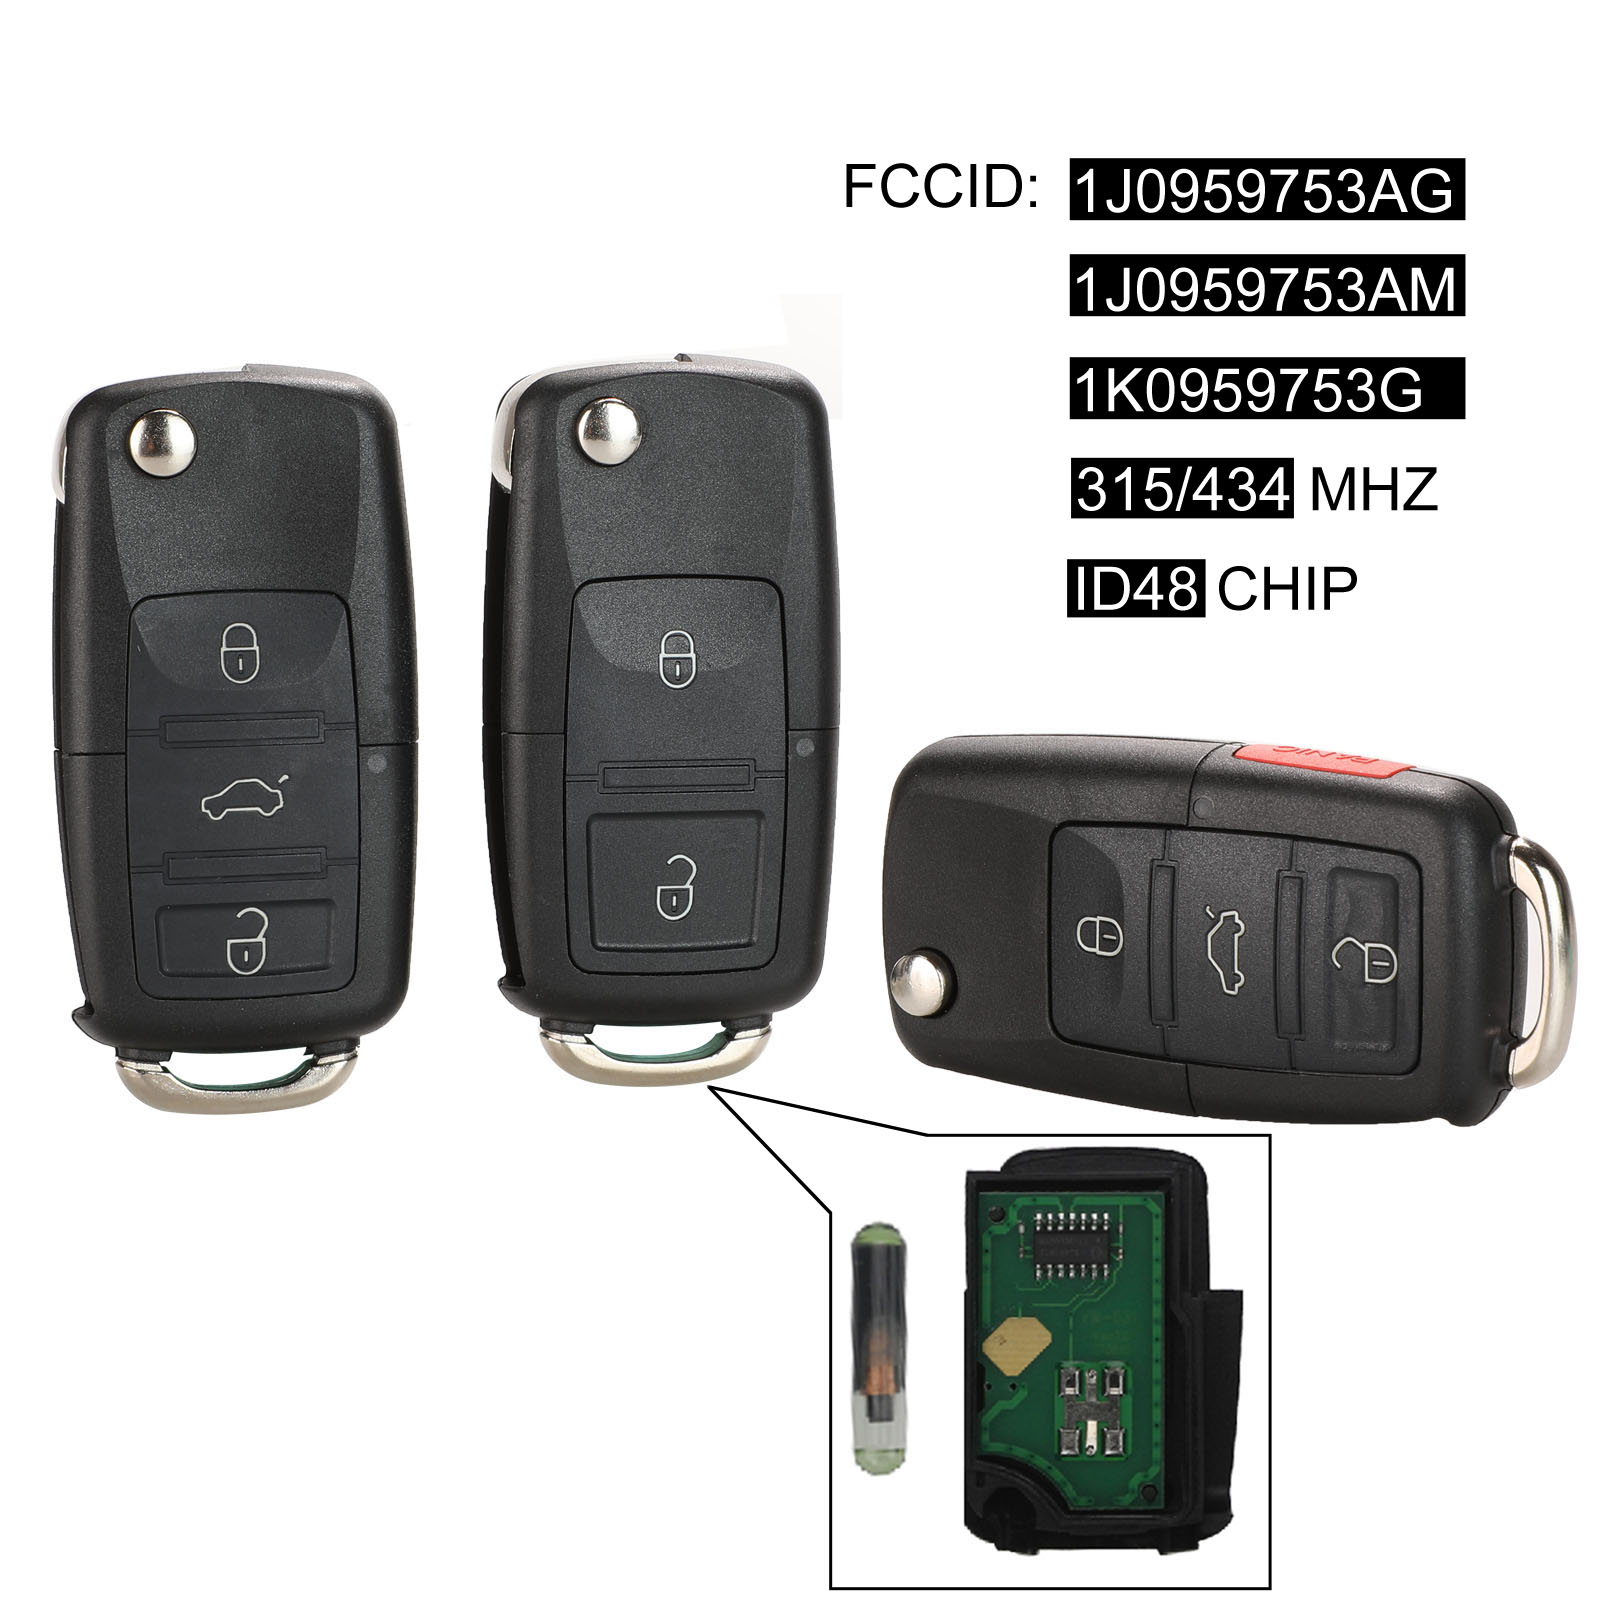 Porte-clés à télécommande kutère 2/3/4 boutons 434MHz ID48 puce pour VW Beetle Bora Golf Passat Polo Transporter T5 1J0 959 753 AG